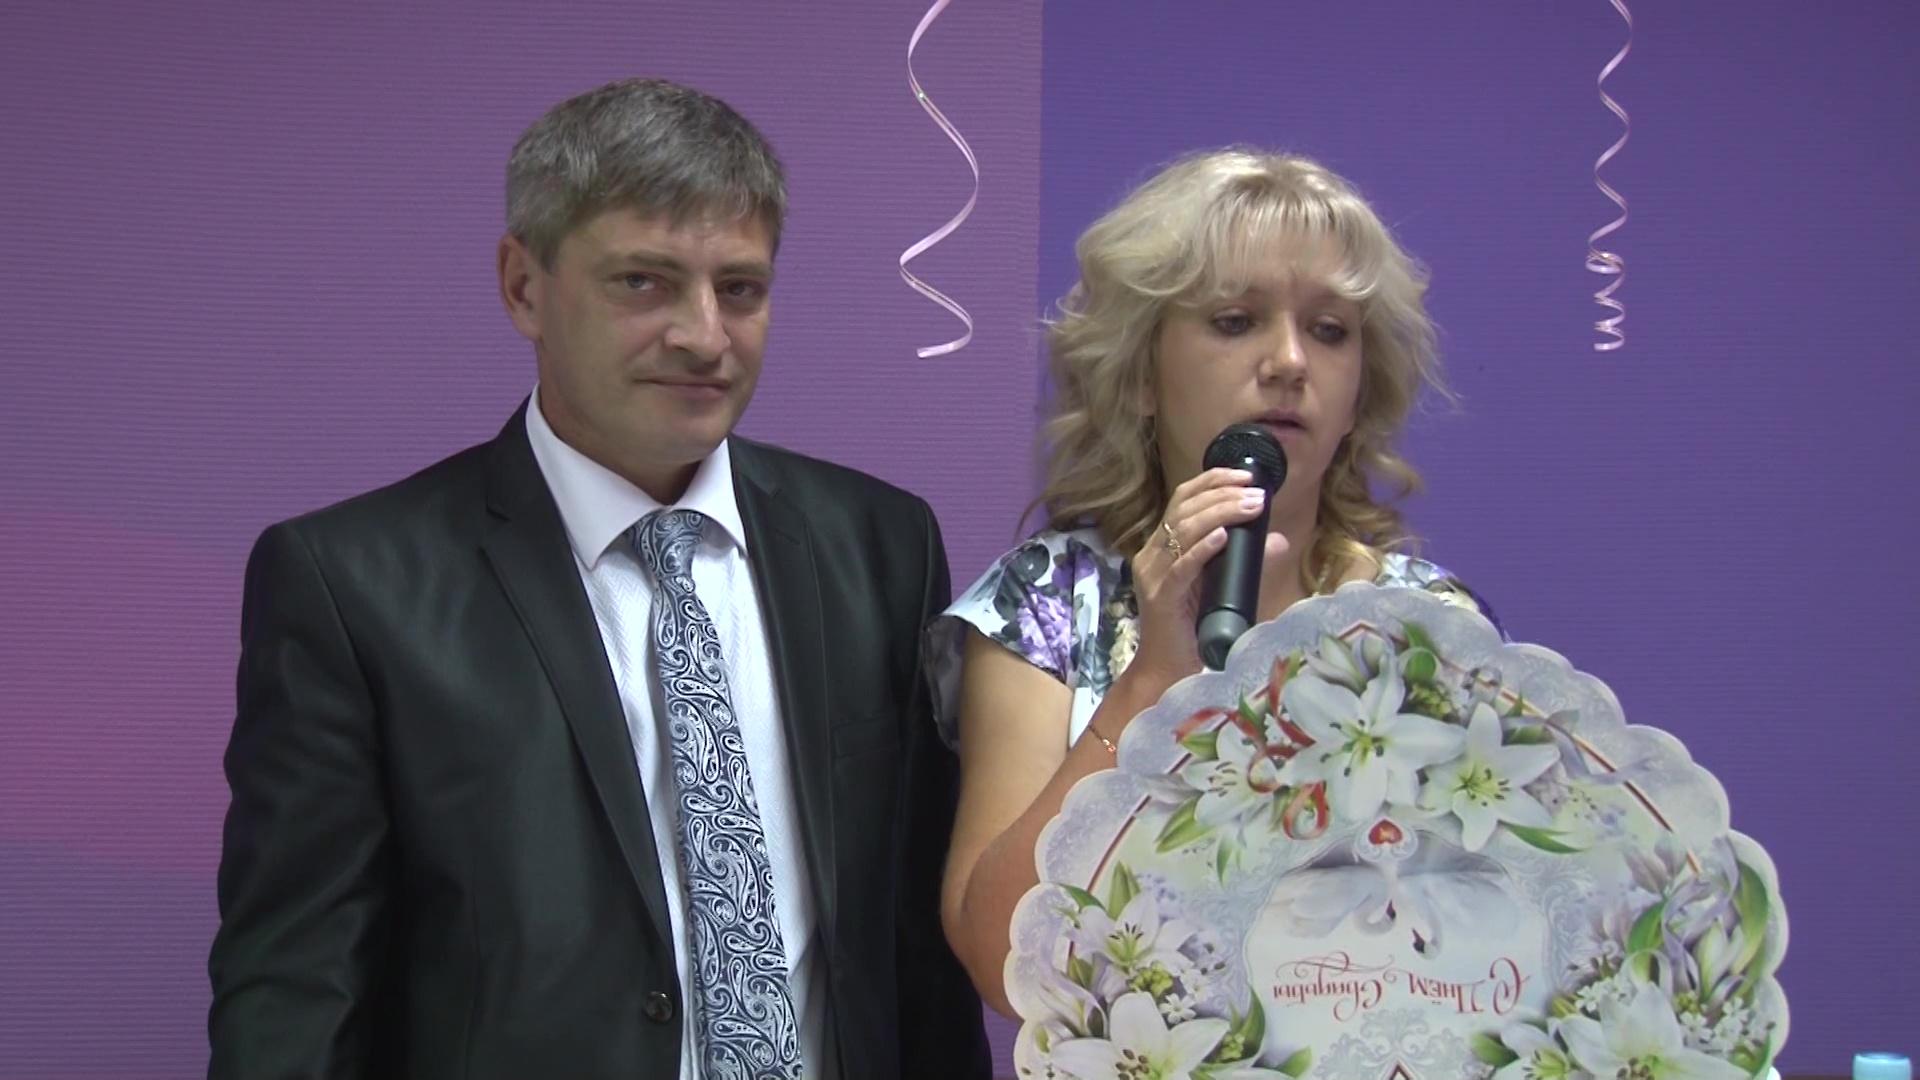 Поздравление от родителей на свадьбе речь